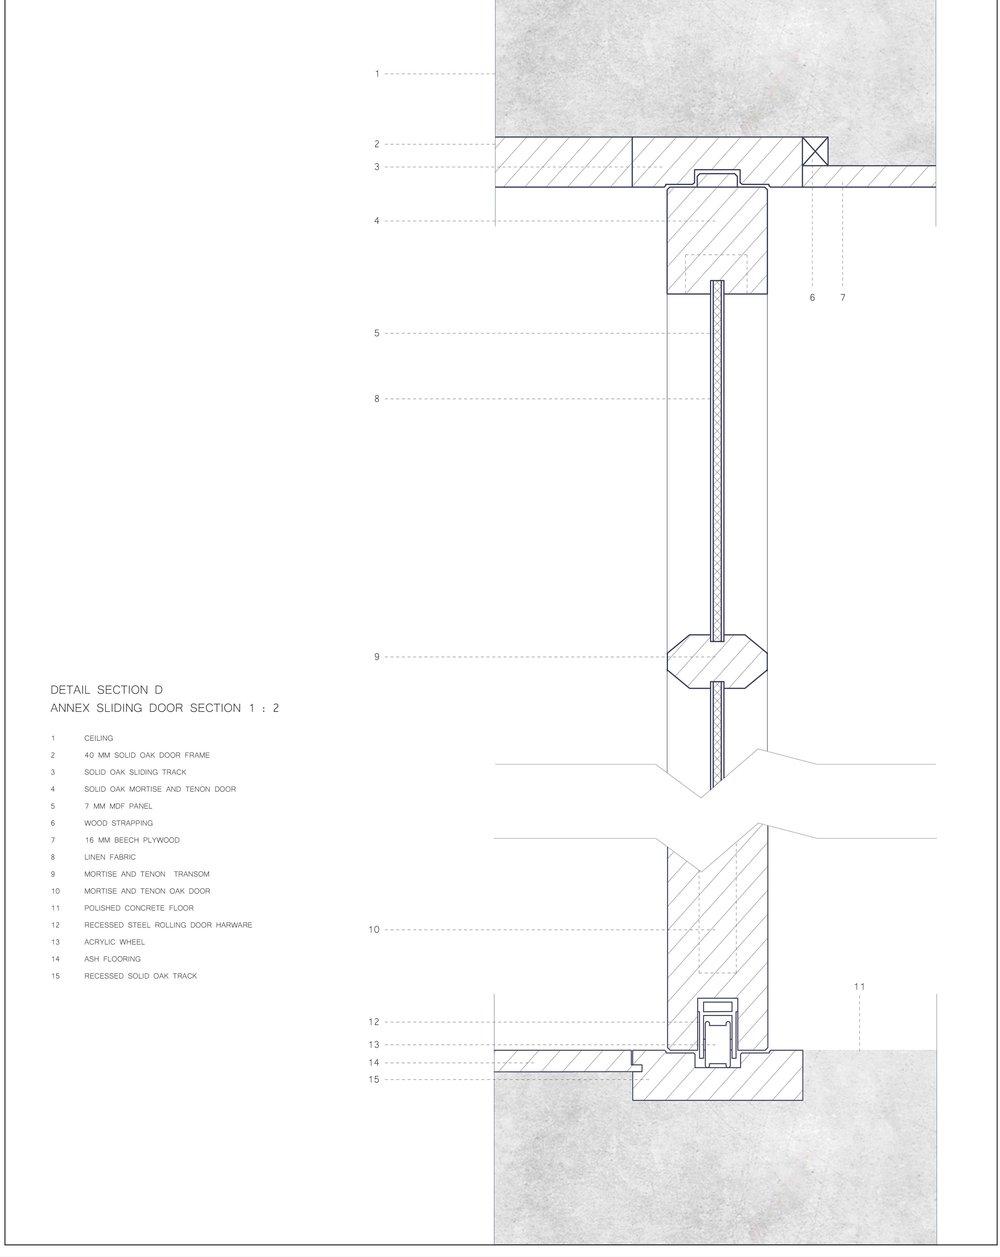 Røntofte Annex Sliding Door Detail, Megan Blake, 2017.